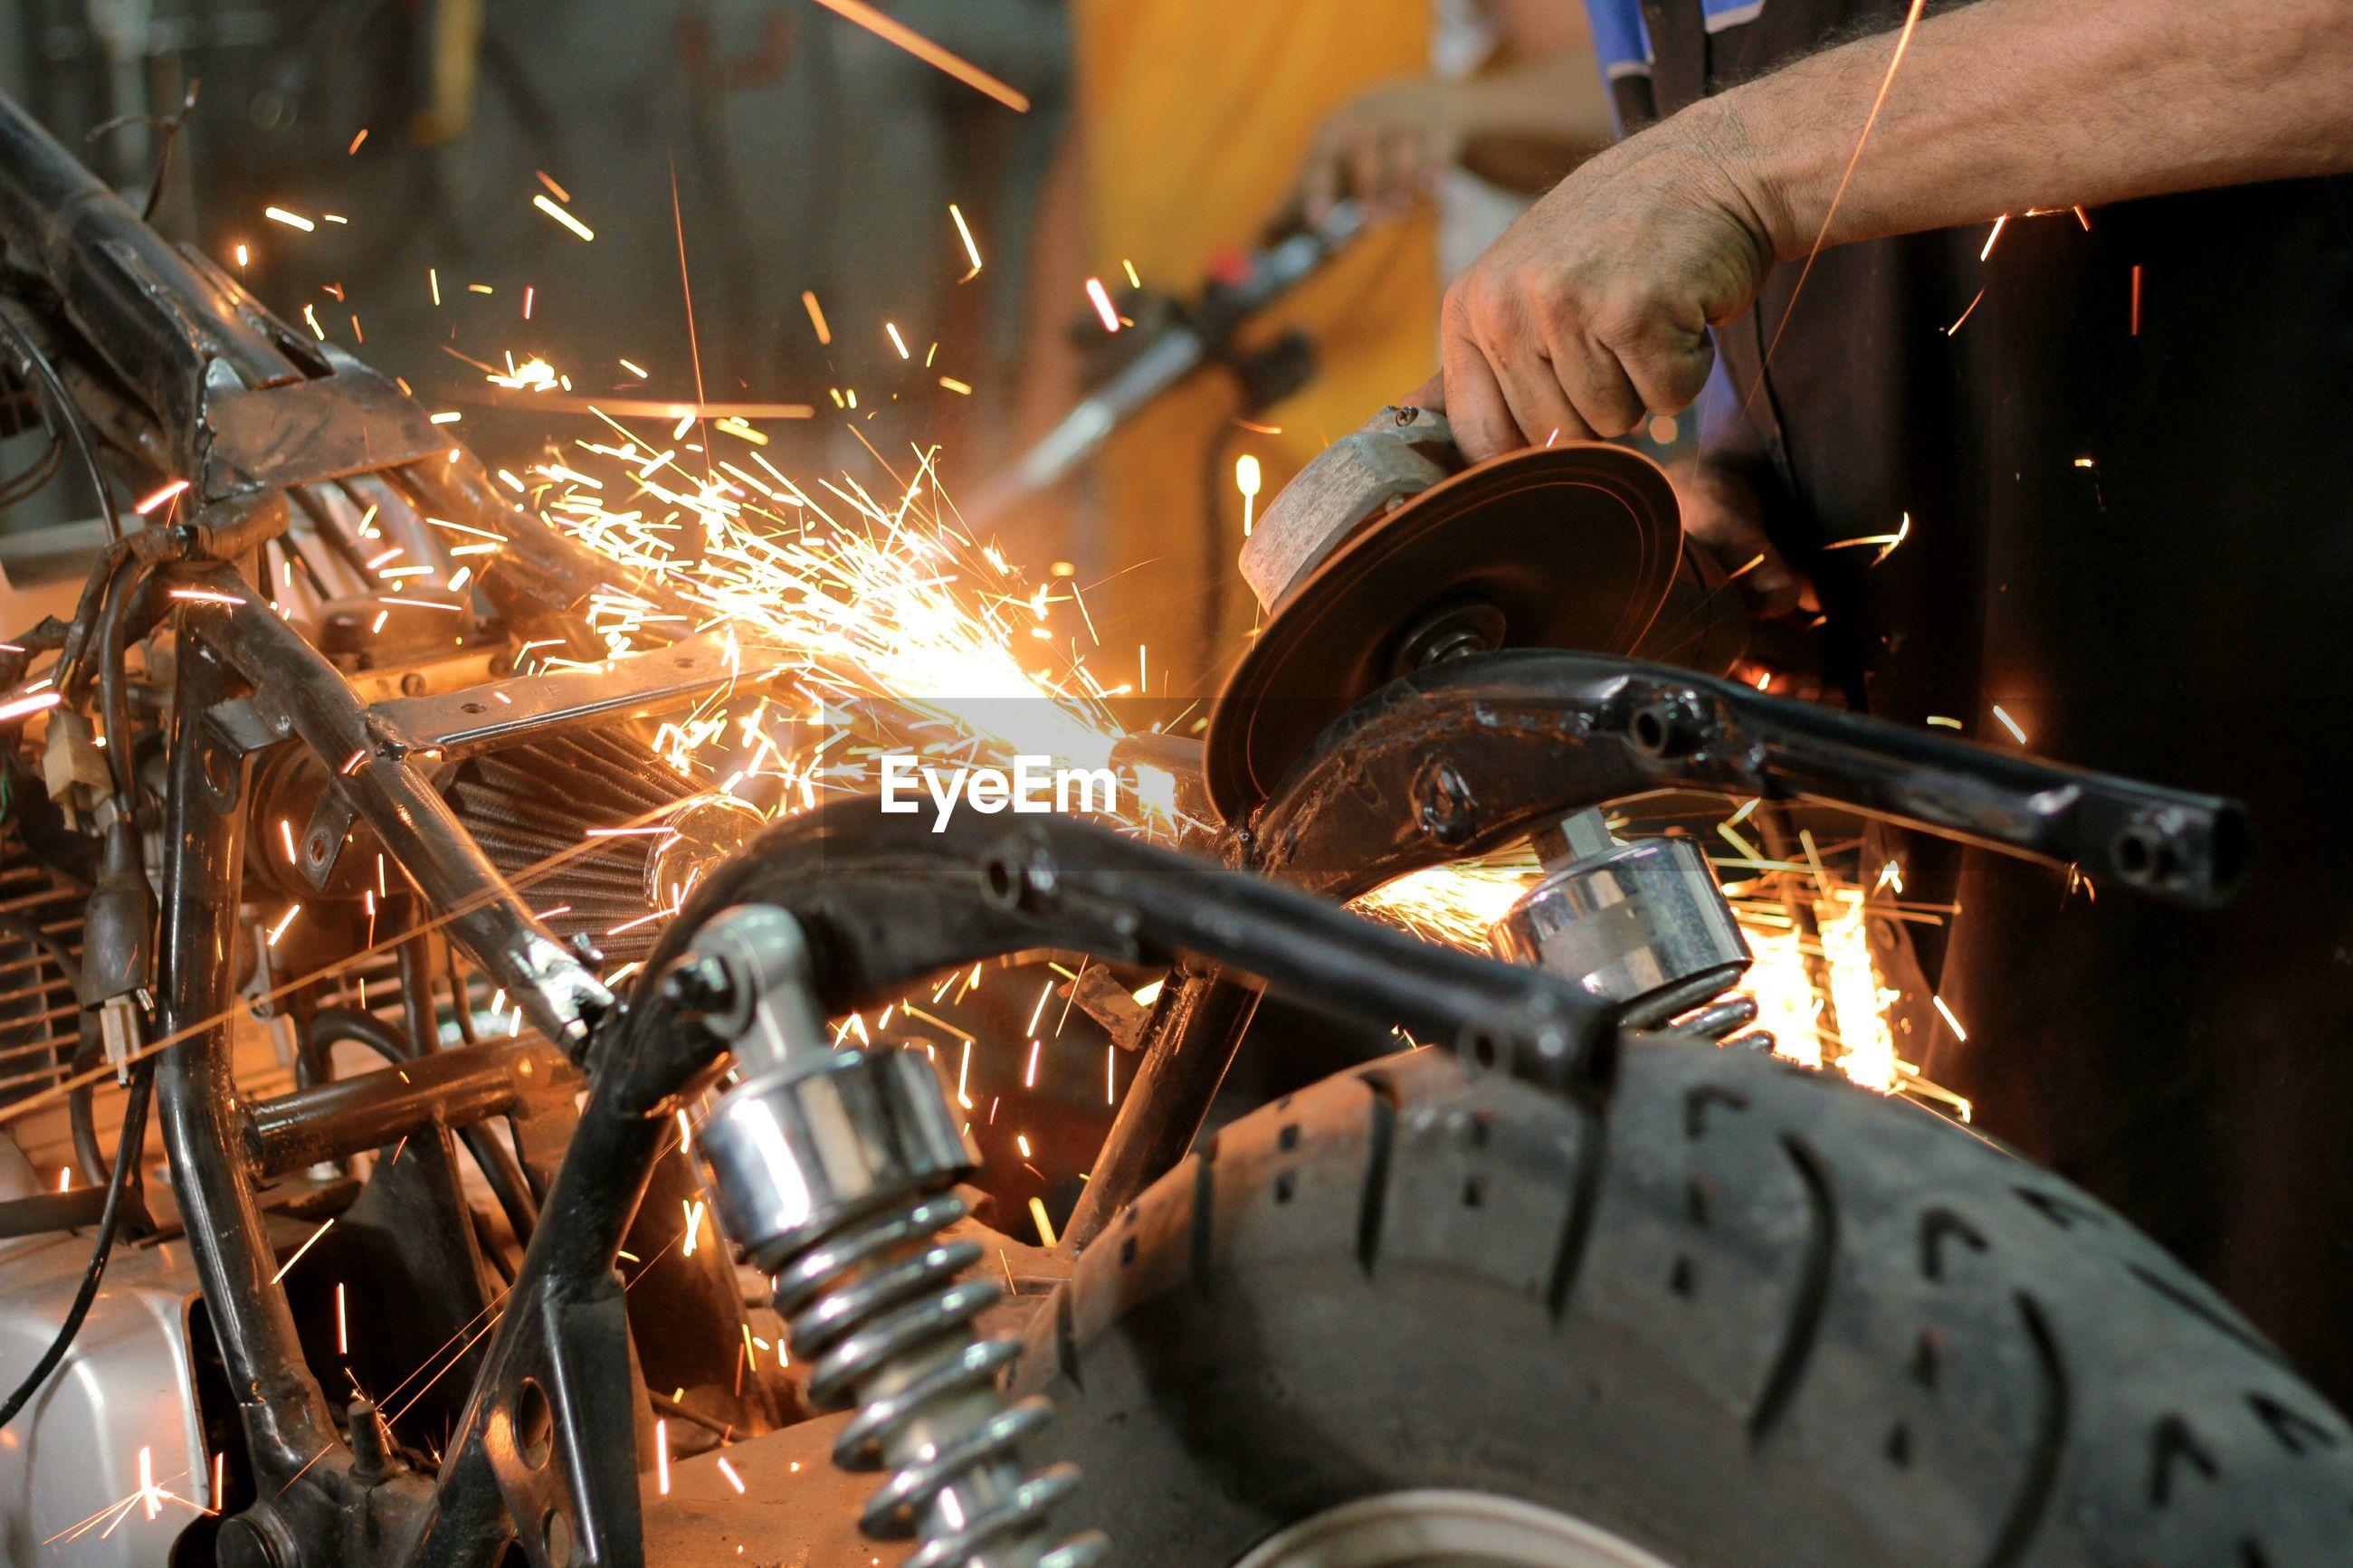 Cropped hand welding parts in motorcycle repair workshop